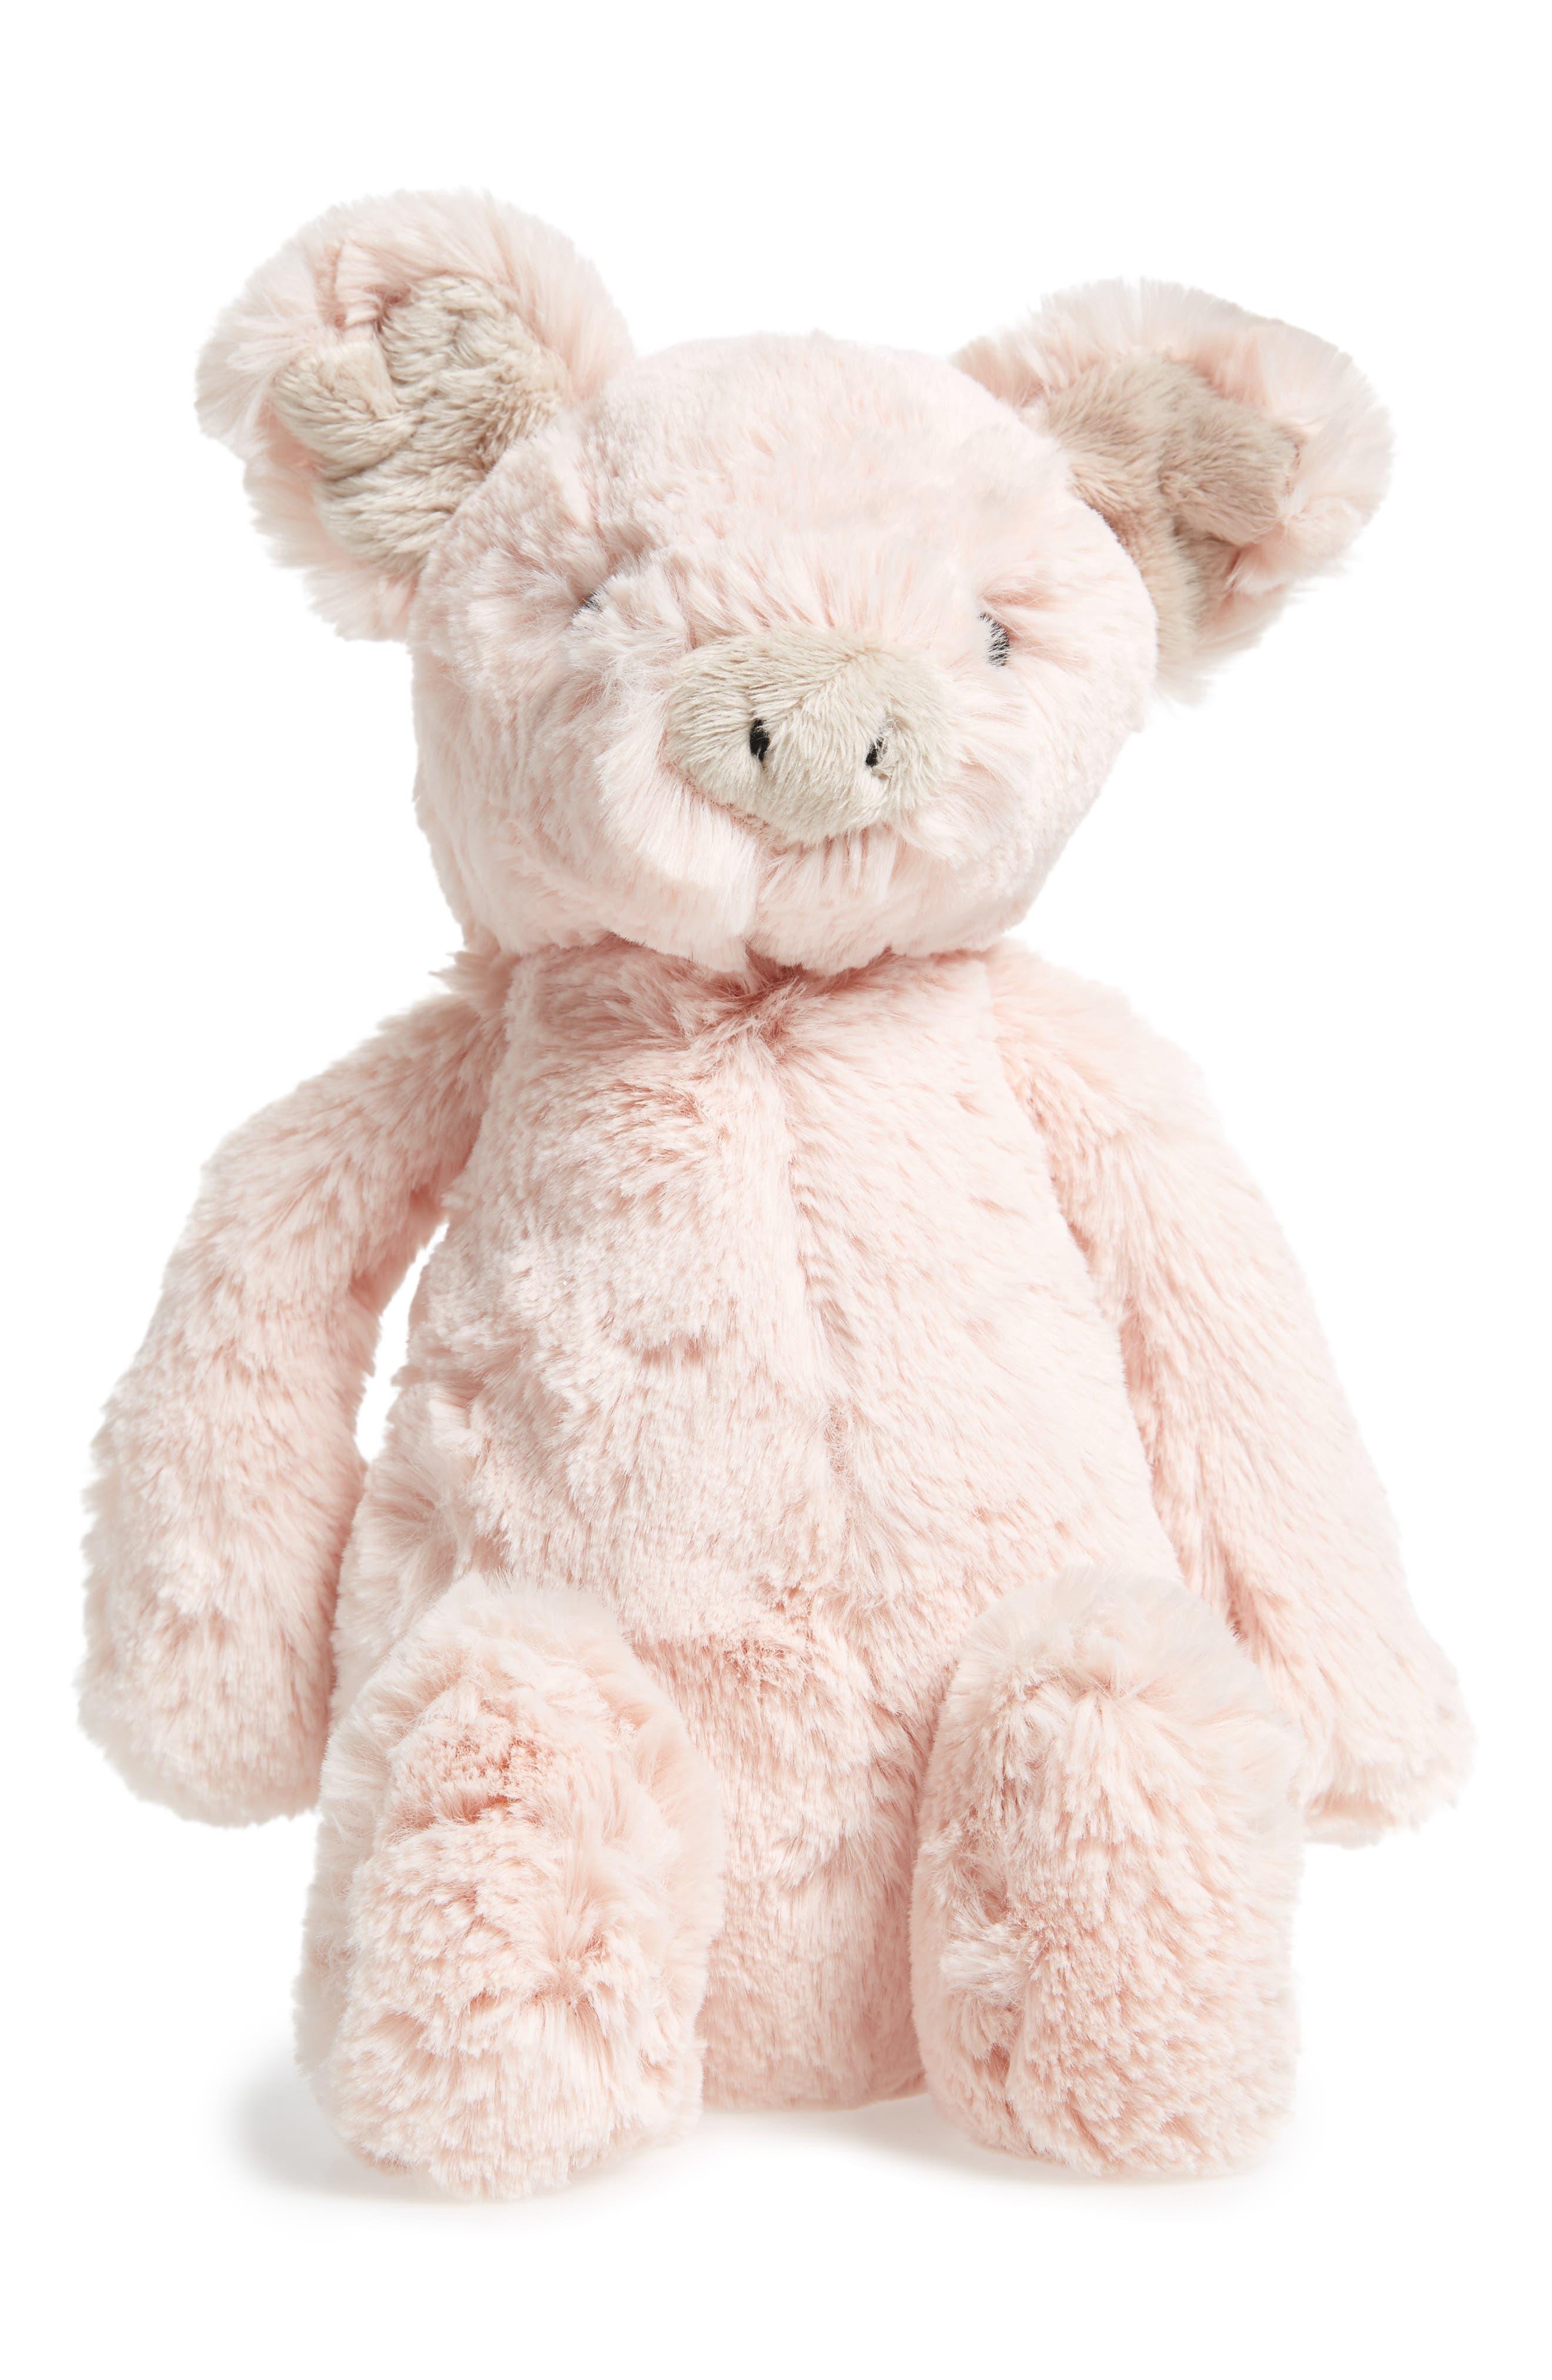 Jellycat 'Bashful Piggy' Stuffed Animal